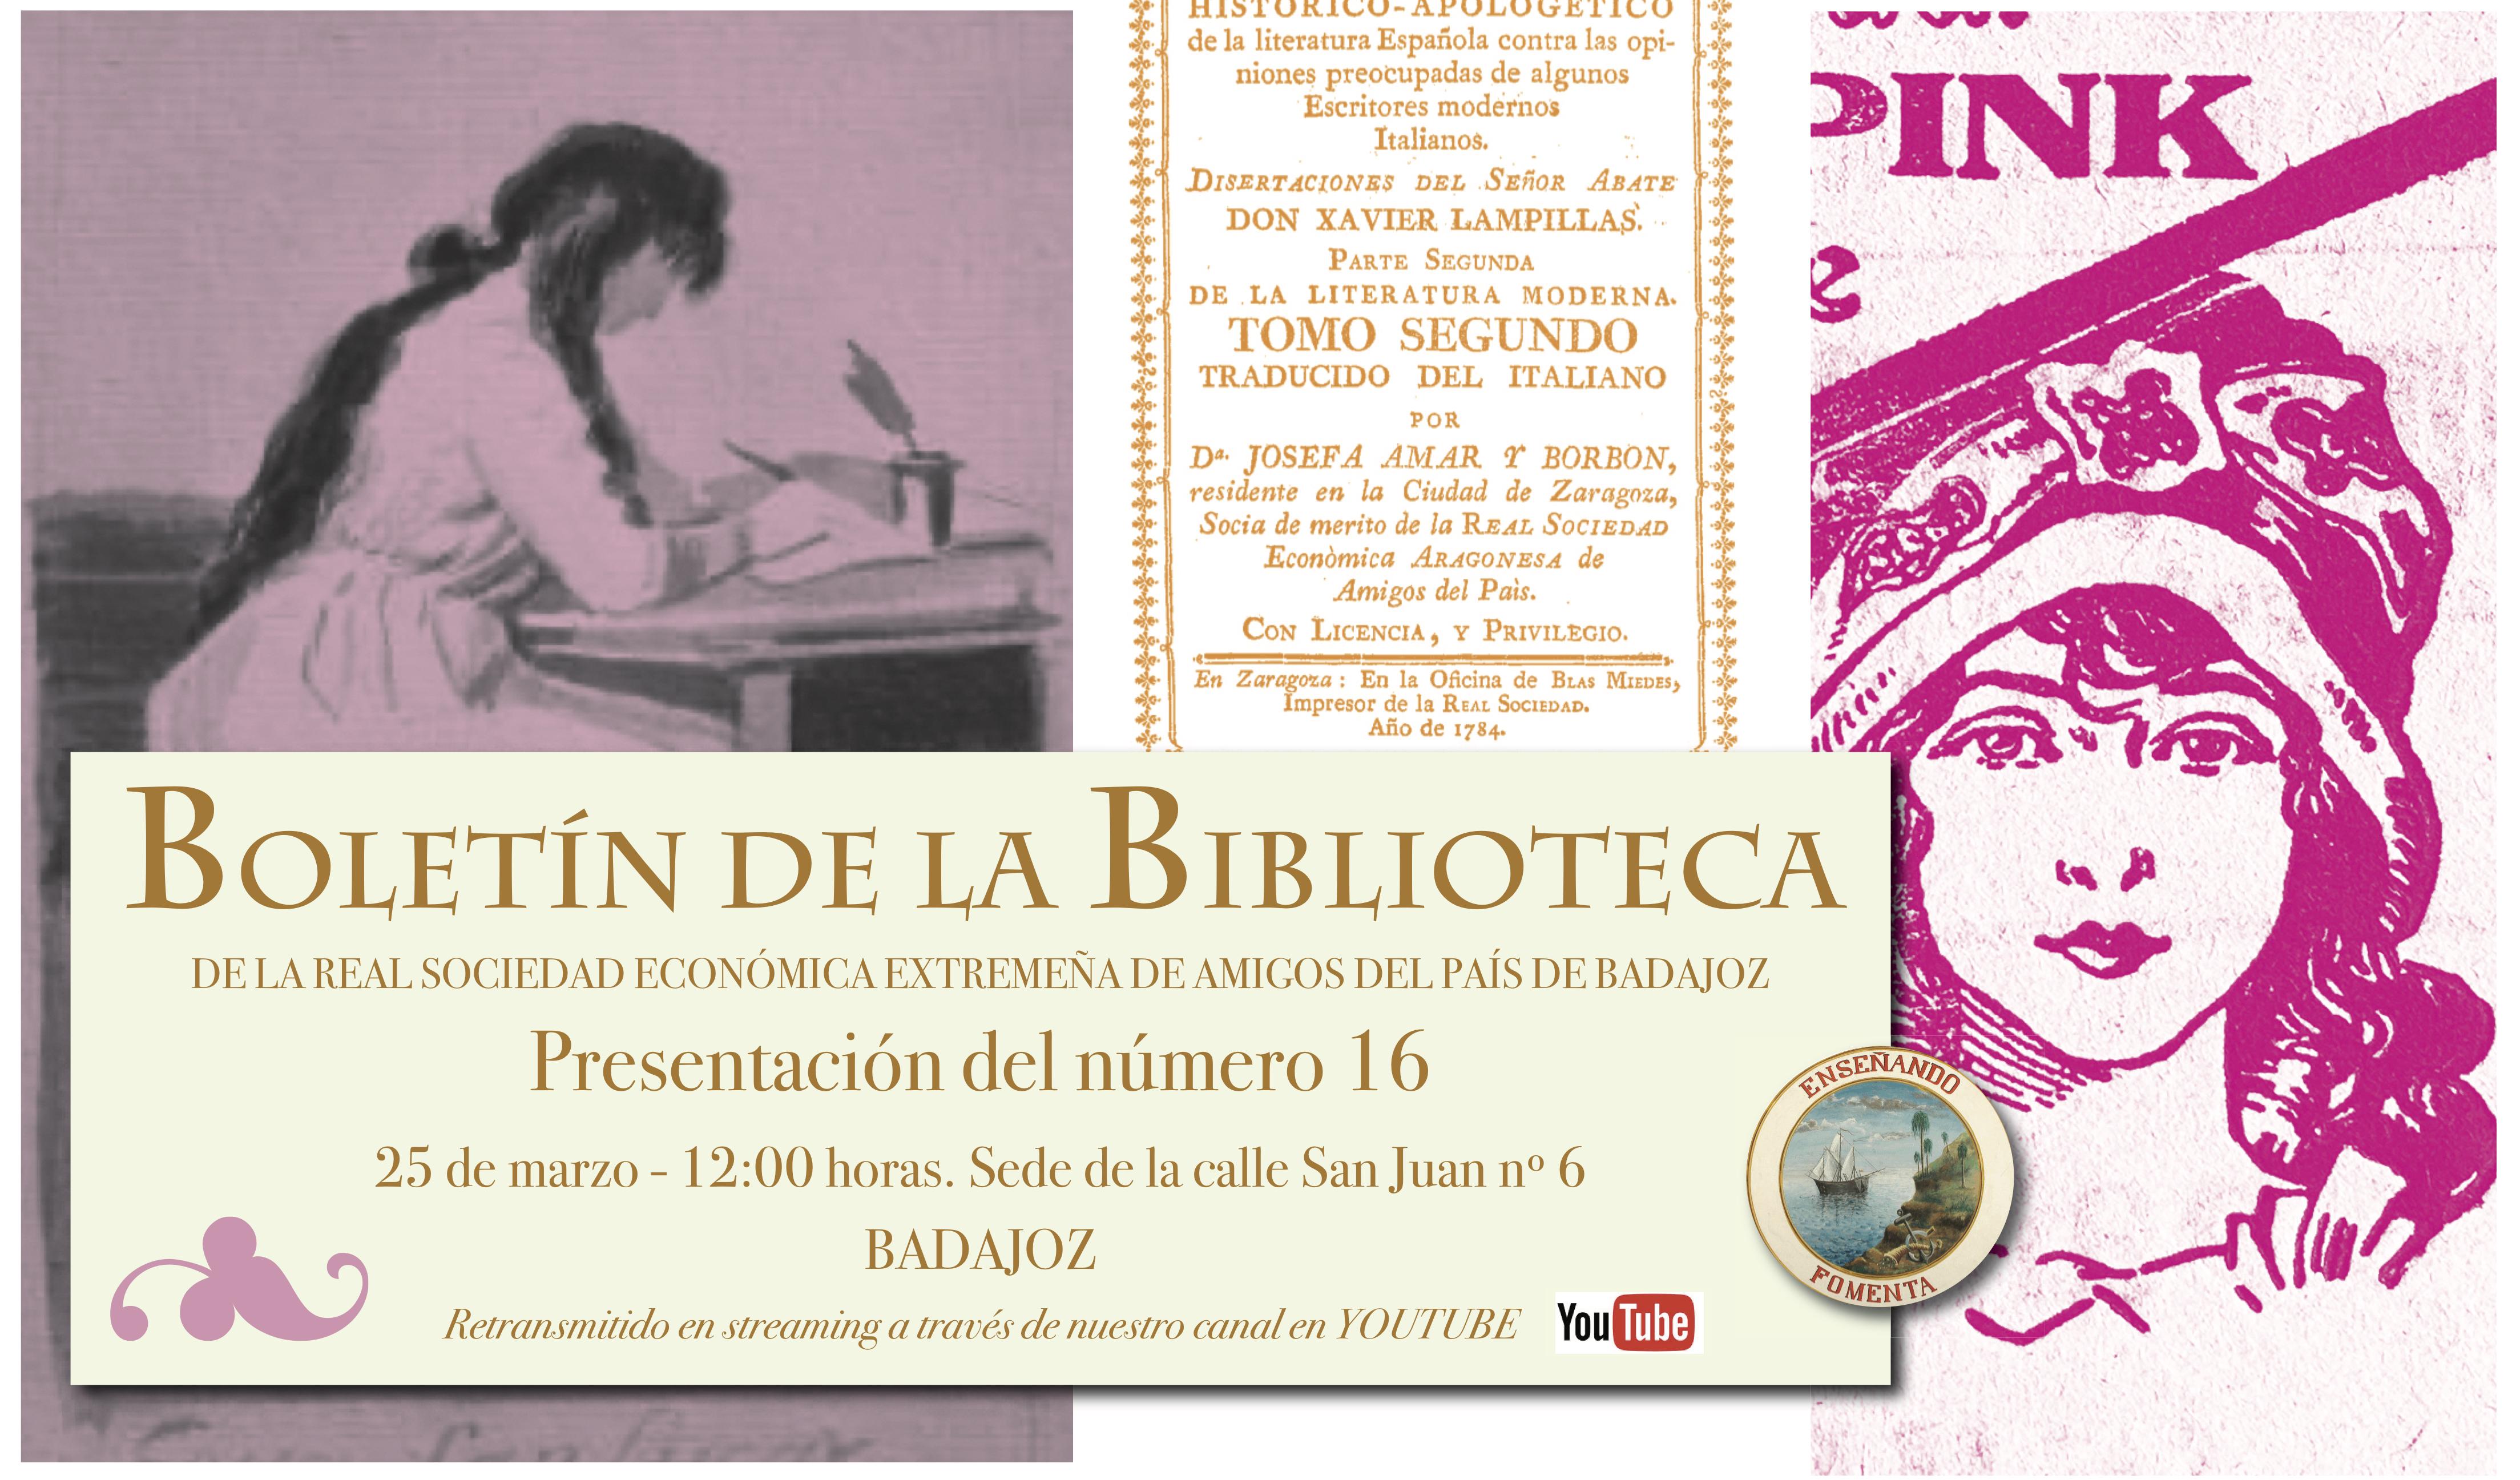 Cartel anunciador de la presentación del Número 16 del Boletín de la Biblioteca de la Real Sociedad Extremeña de Amigos del País